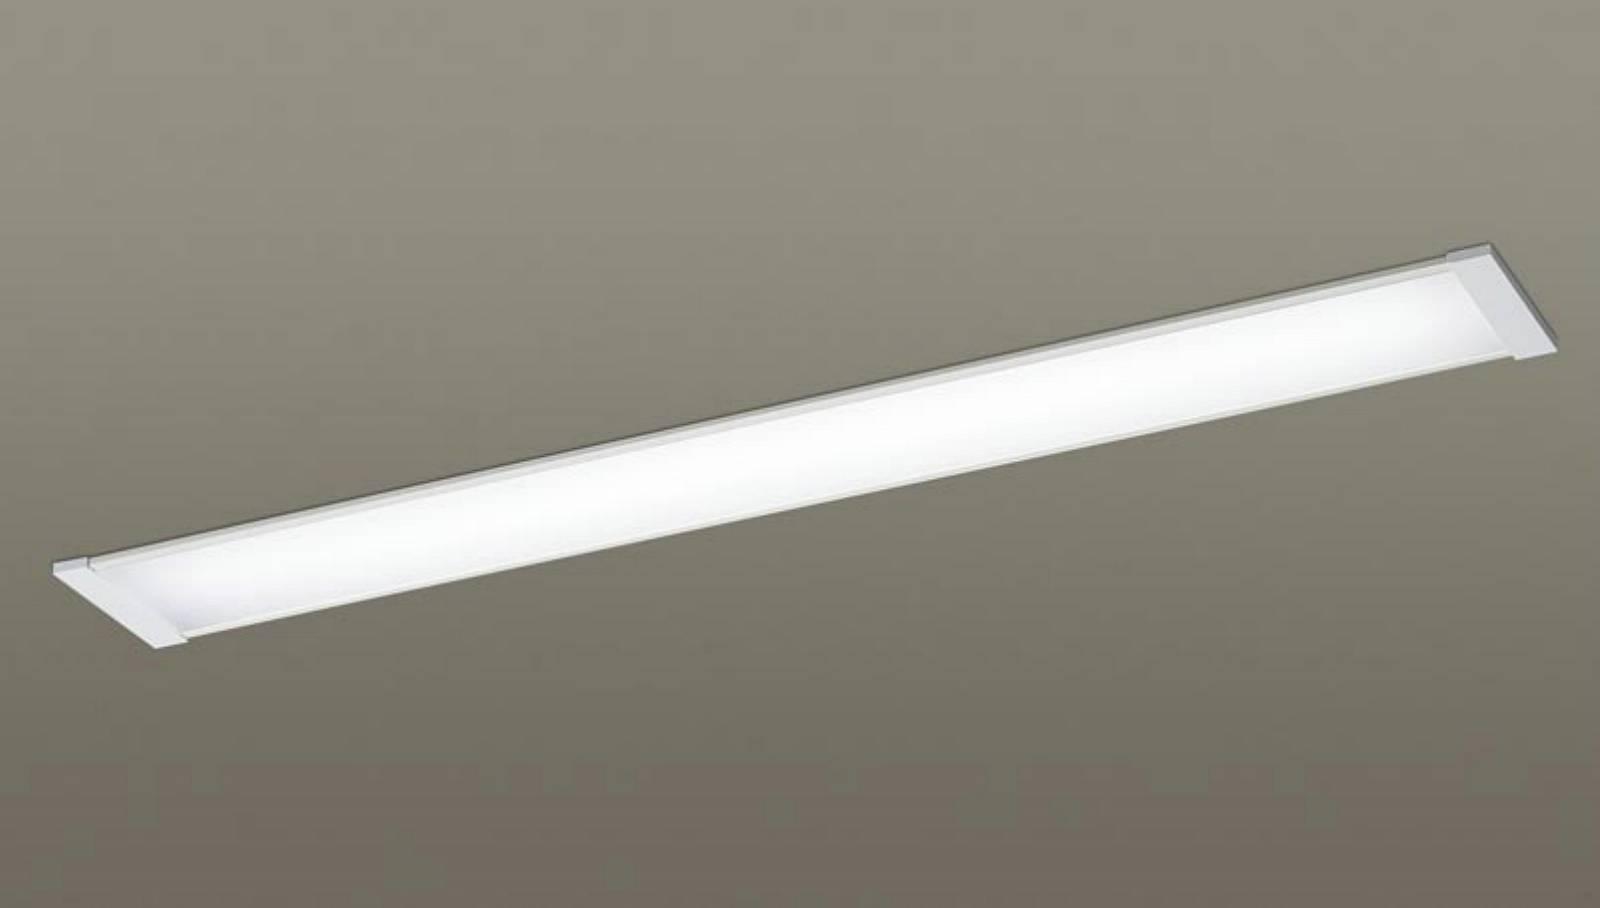 N区分 パナソニック LGB52054LE1 キッチンライト 【SB形】 自動点灯無し 畳数設定無し LED【setsuden_led】